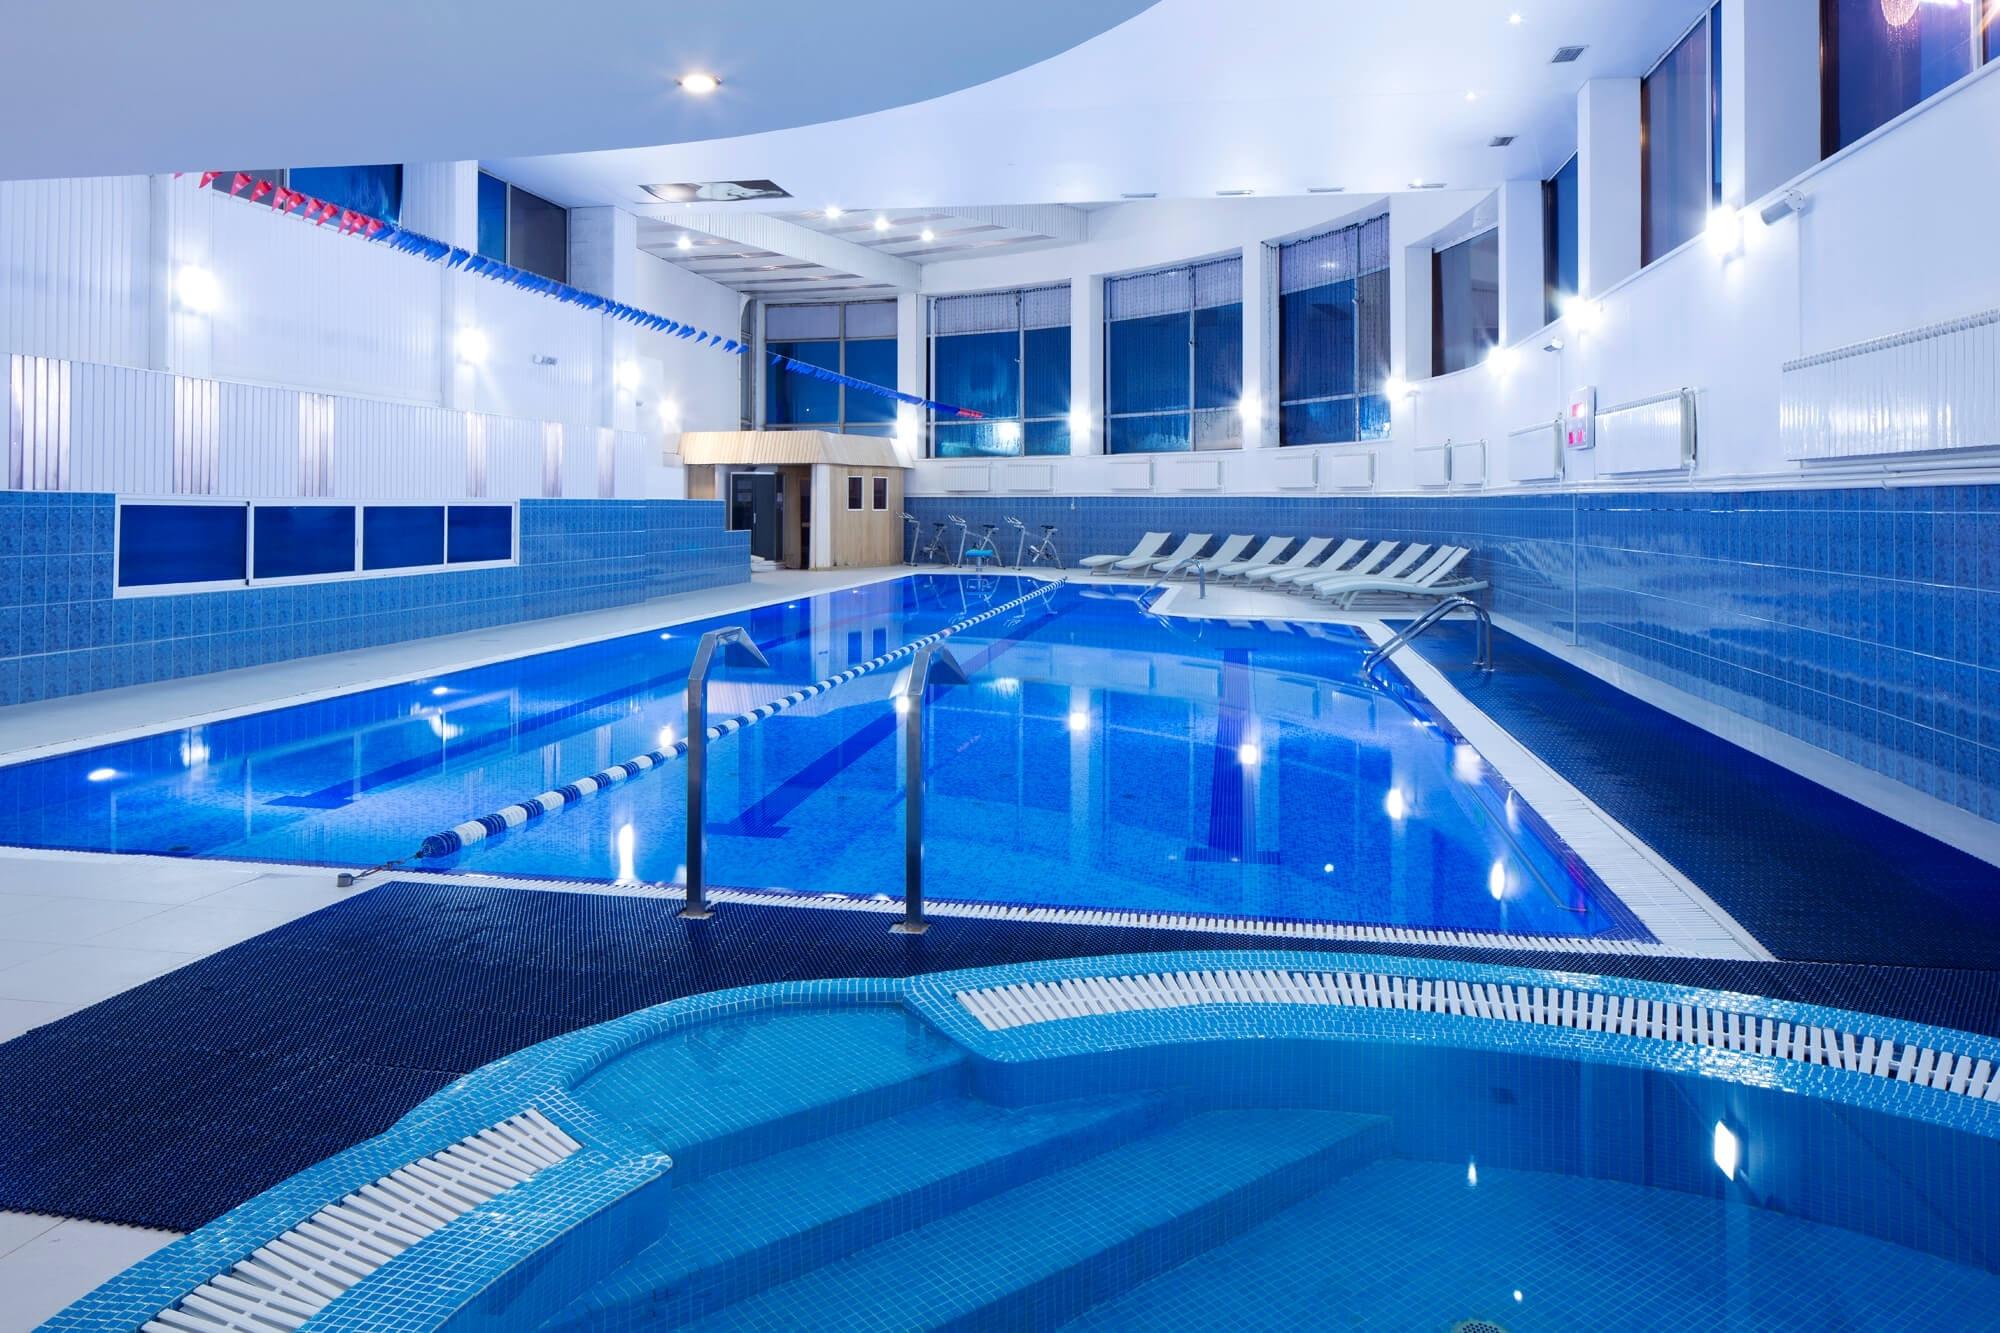 Особенно популярны у жителей и гостей москвы фитнес клубы с бассейном, так как пользу плавания не превзойдёт другой вид физической активности.